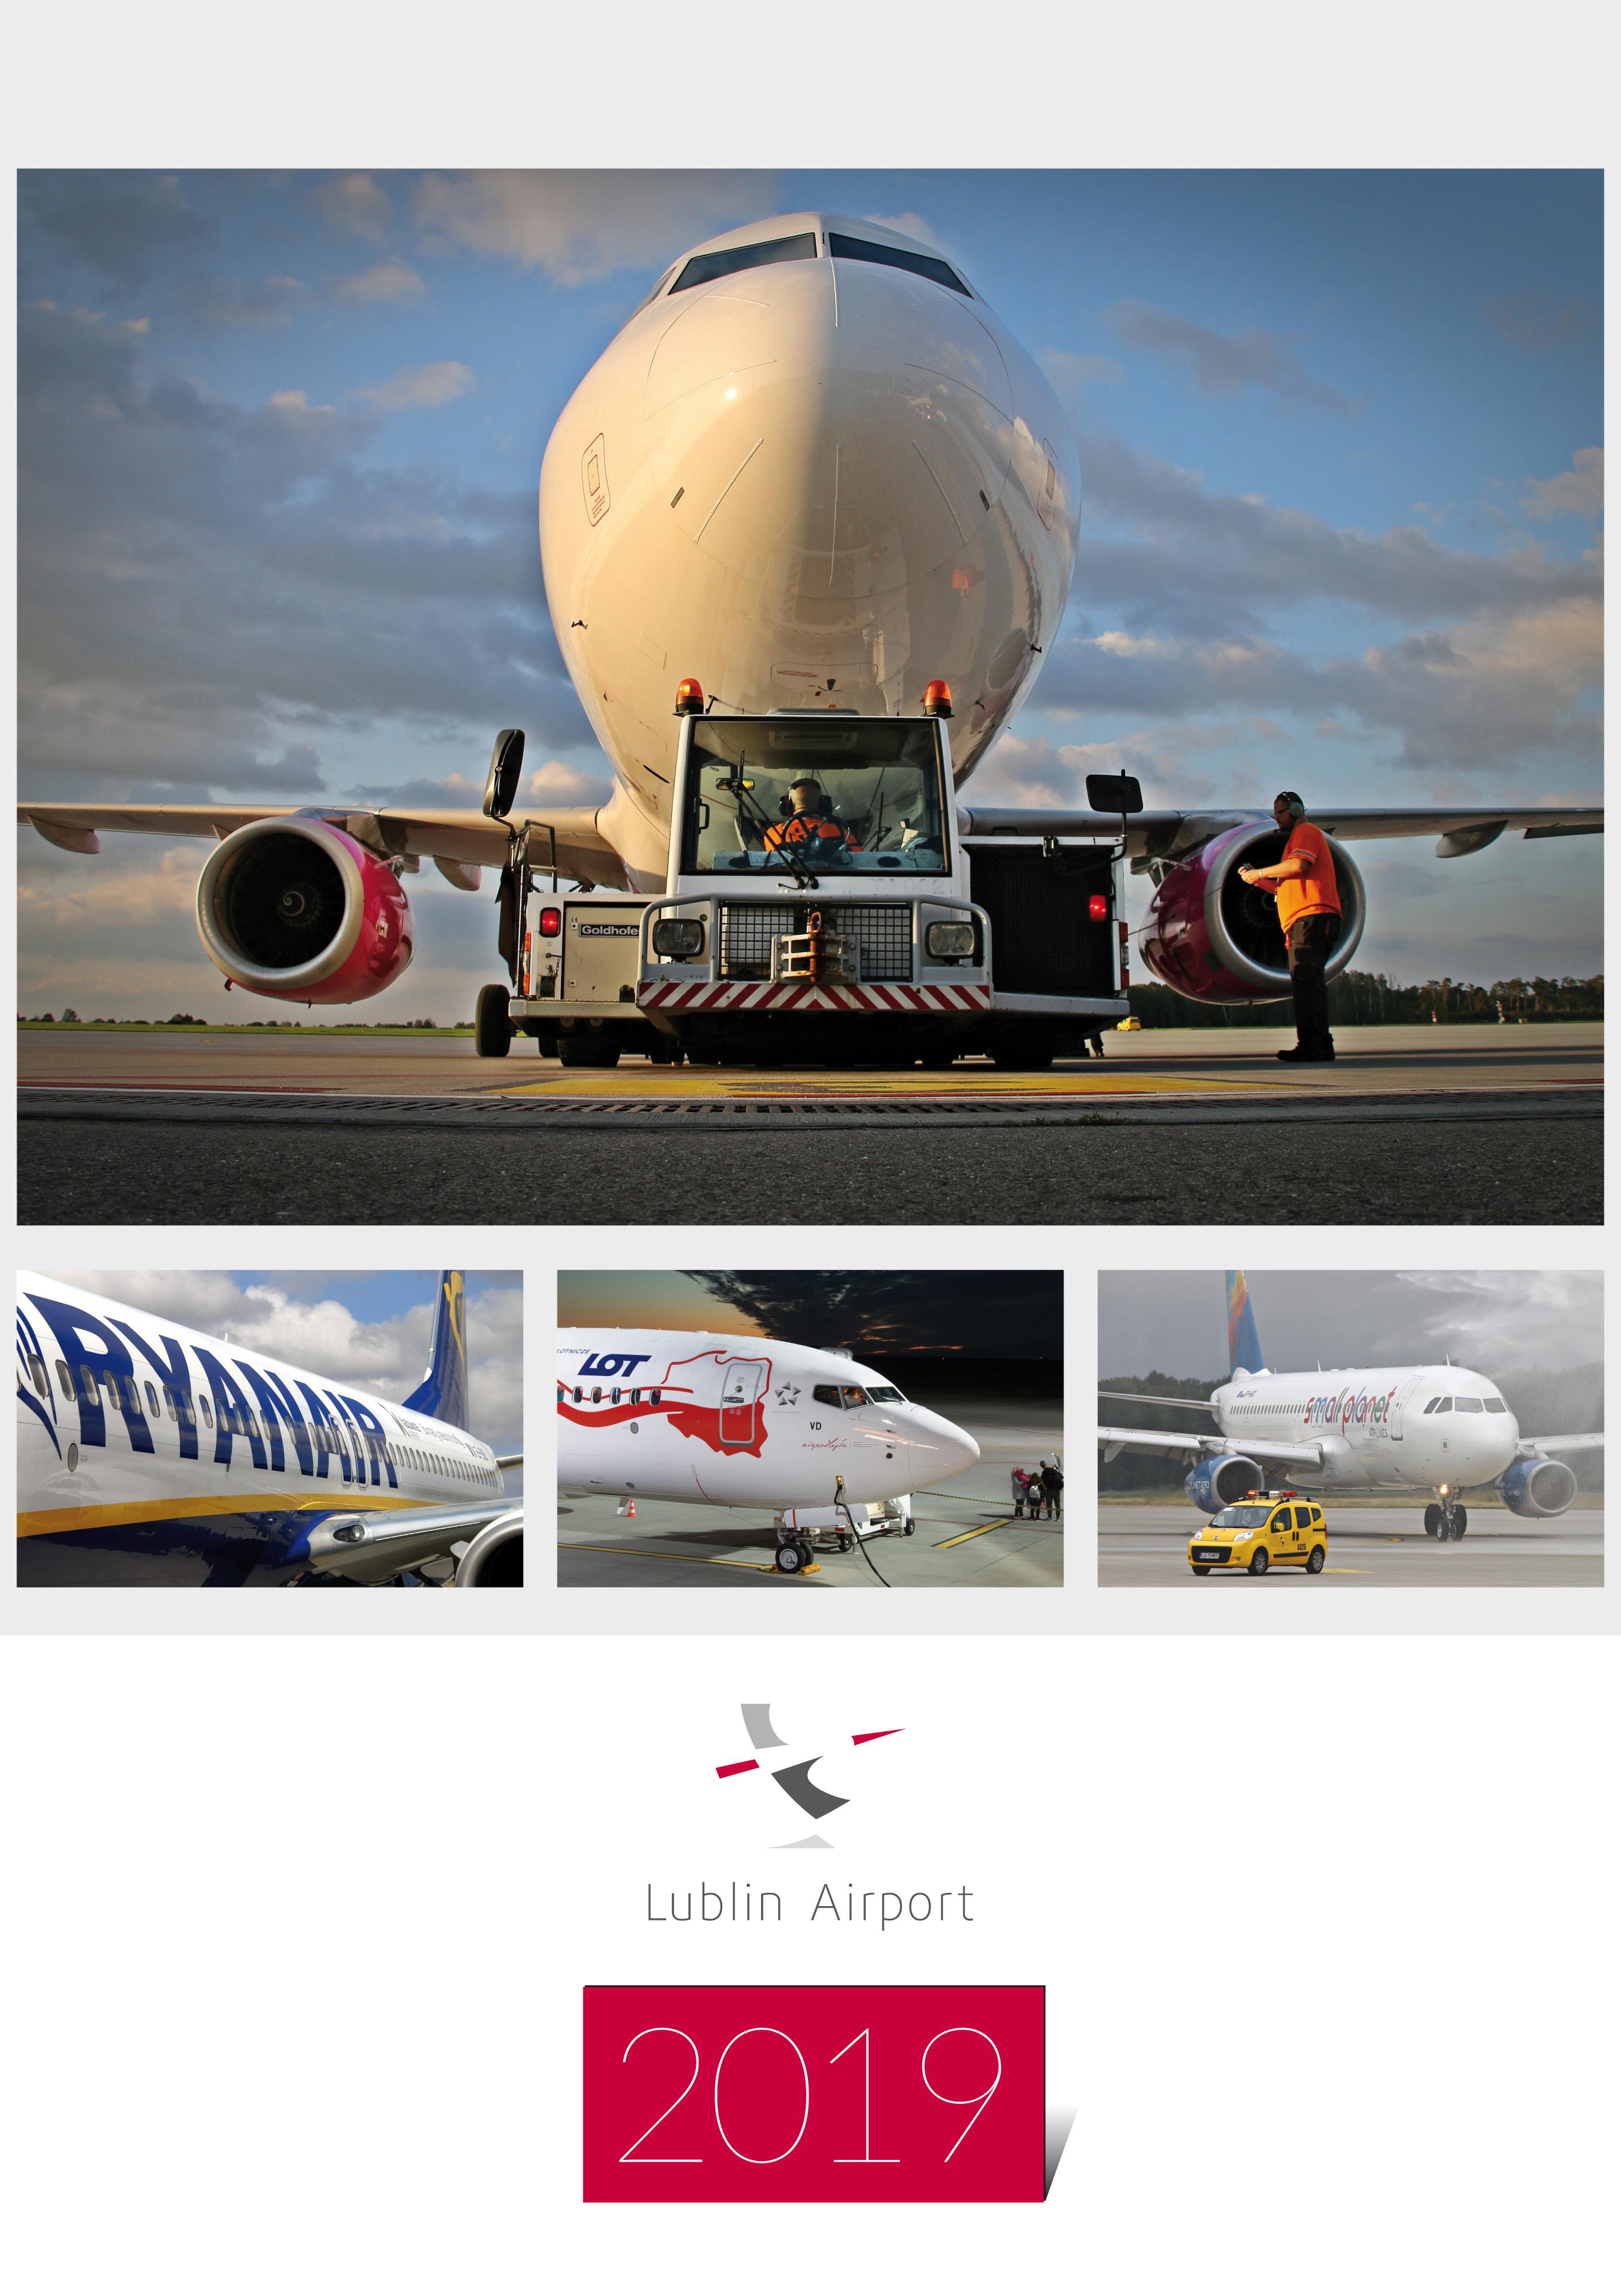 Miłośnicy lotnictwa mogą wspiąć się na wyżyny